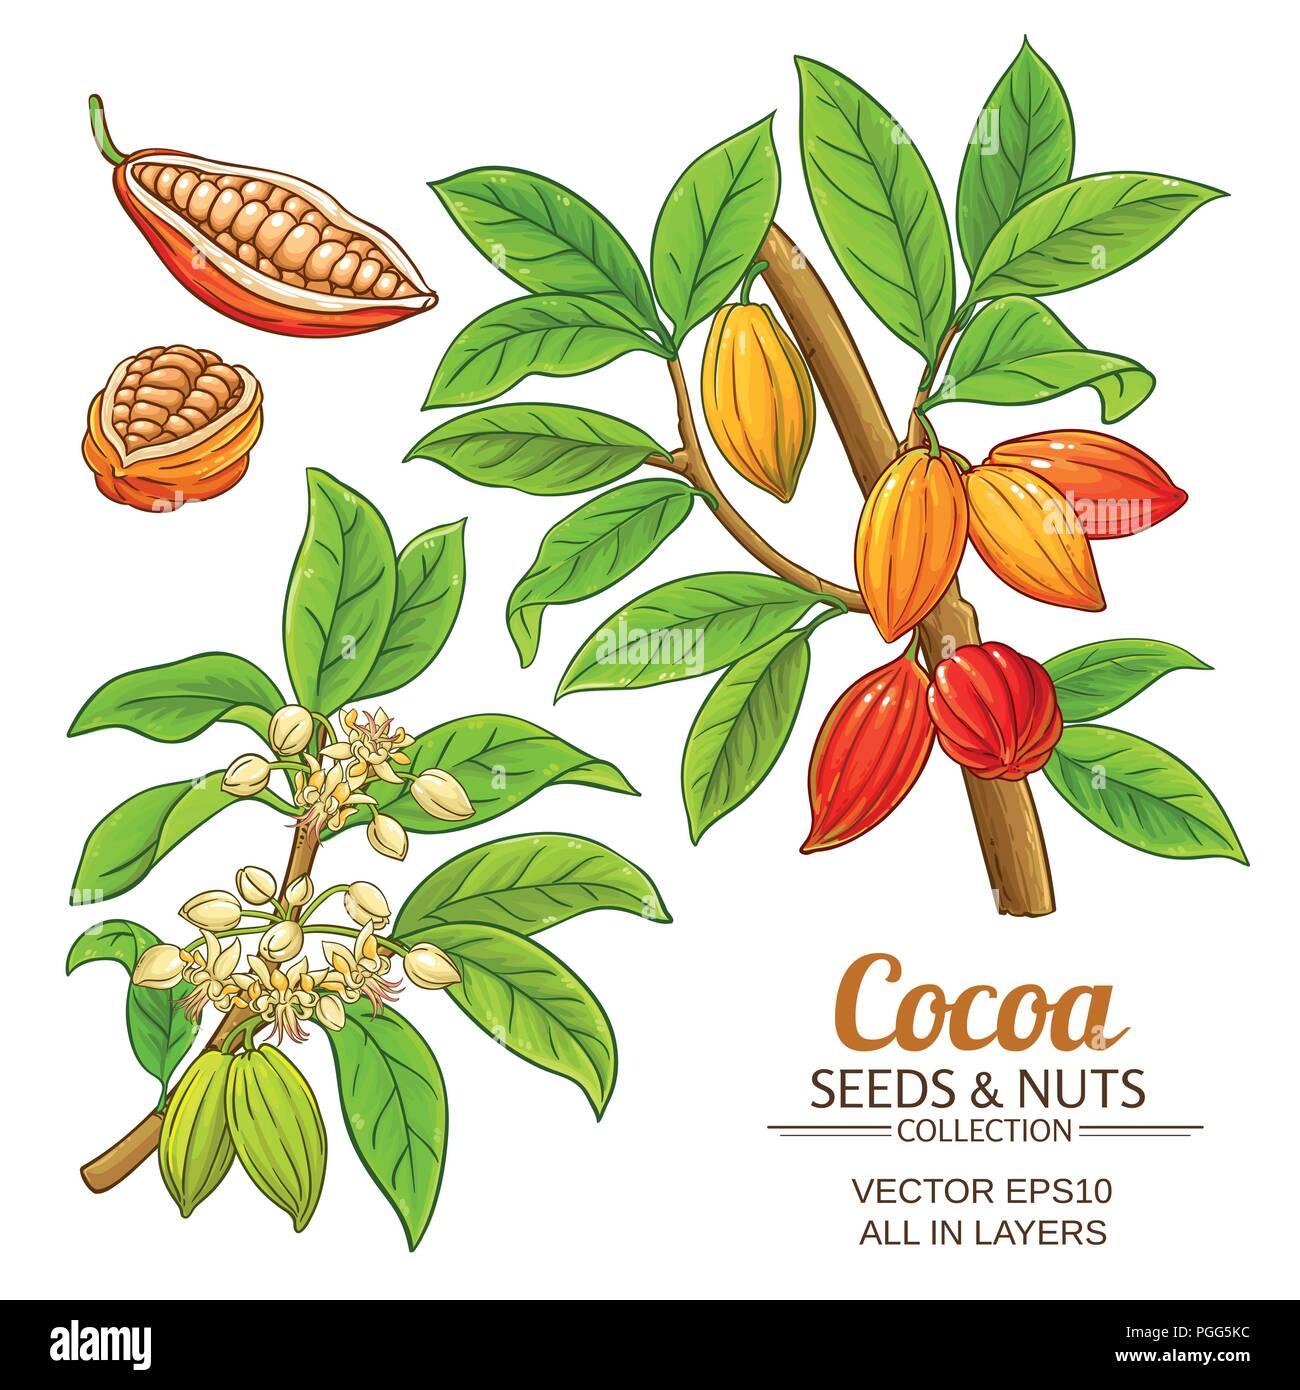 Pianta Di Cacao Vettore Impostato Su Sfondo Bianco Illustrazione